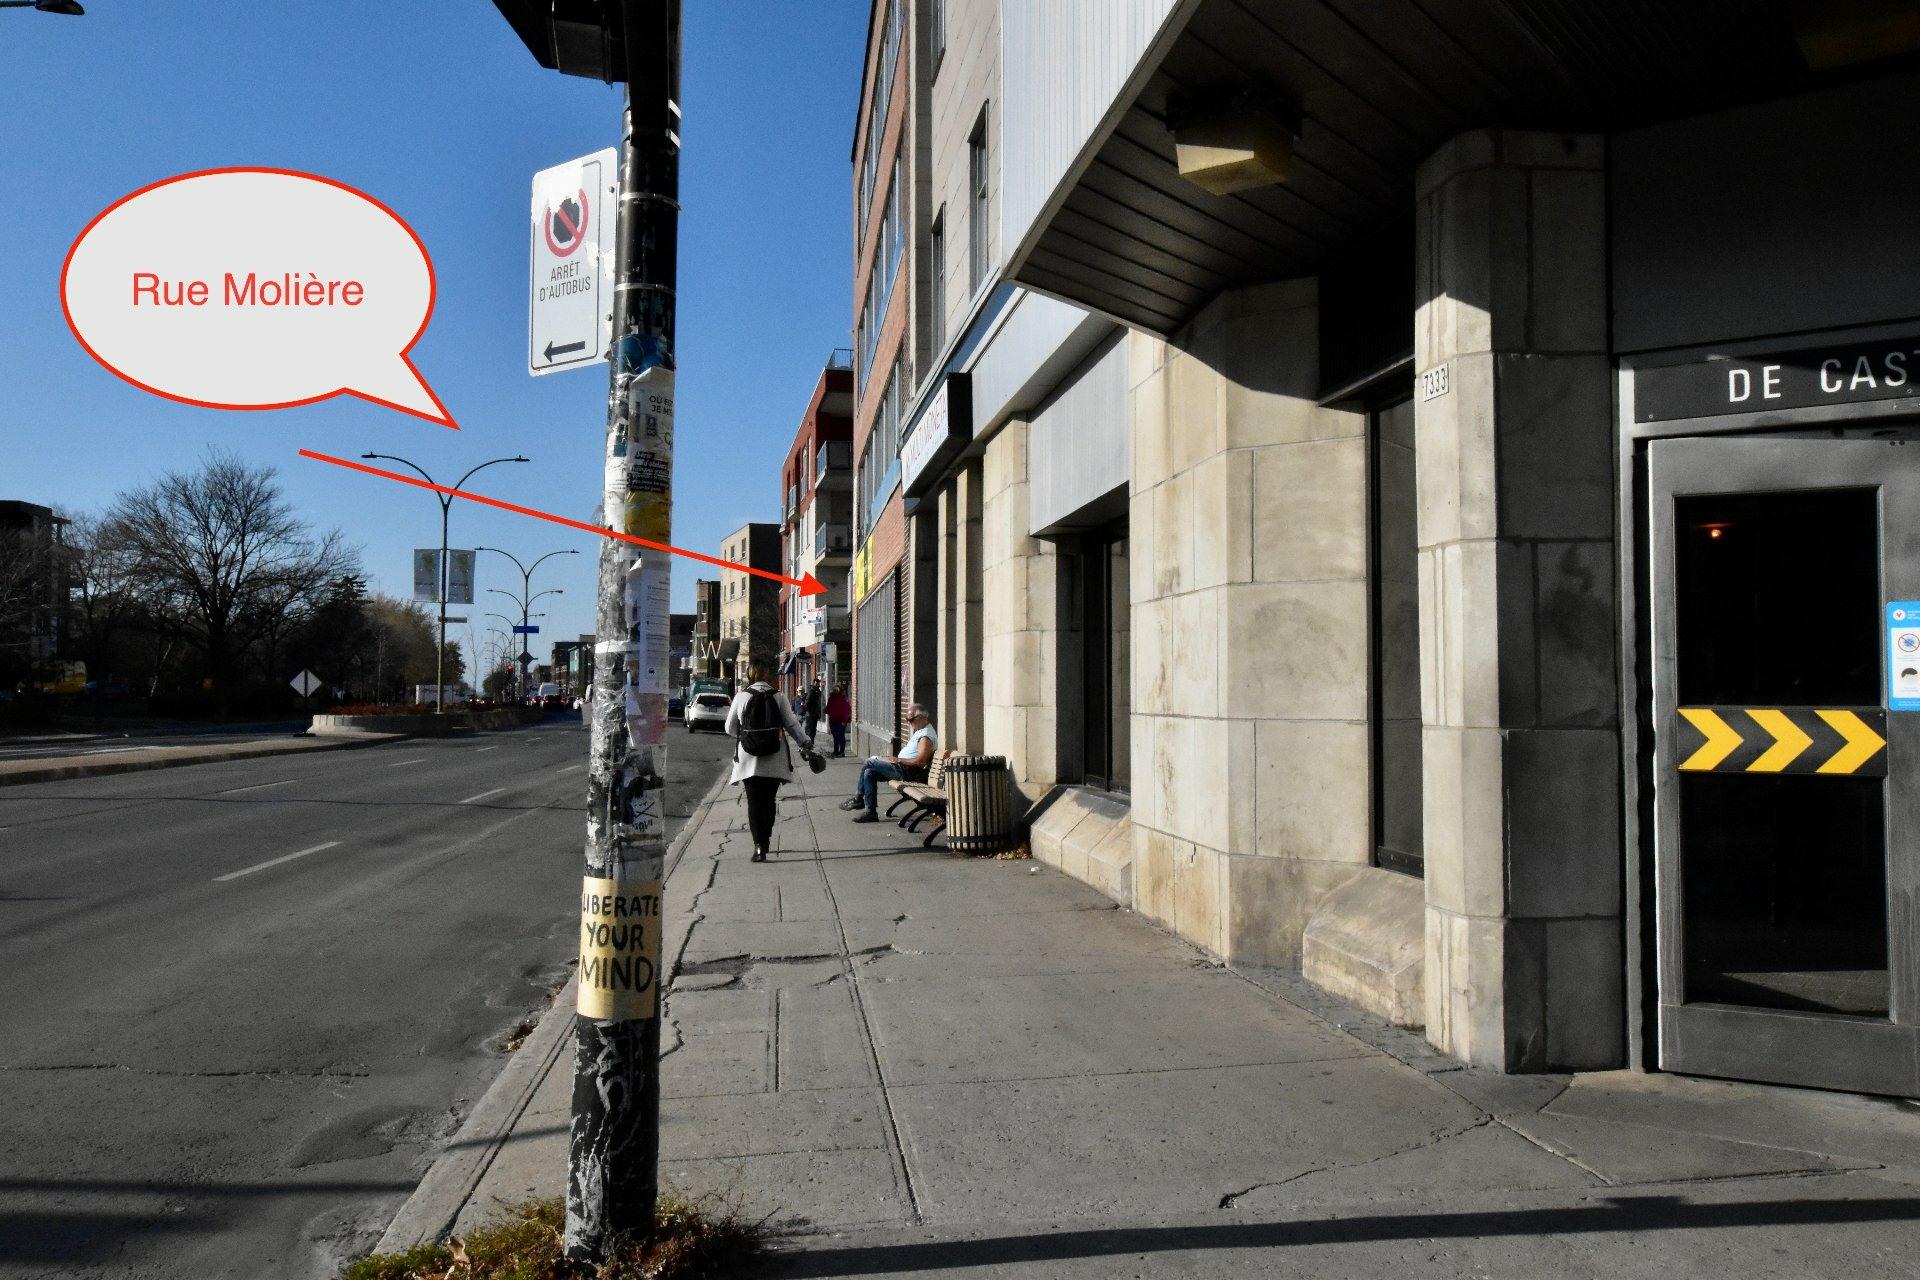 image 2 - Appartement À louer Villeray/Saint-Michel/Parc-Extension Montréal  - 8 pièces